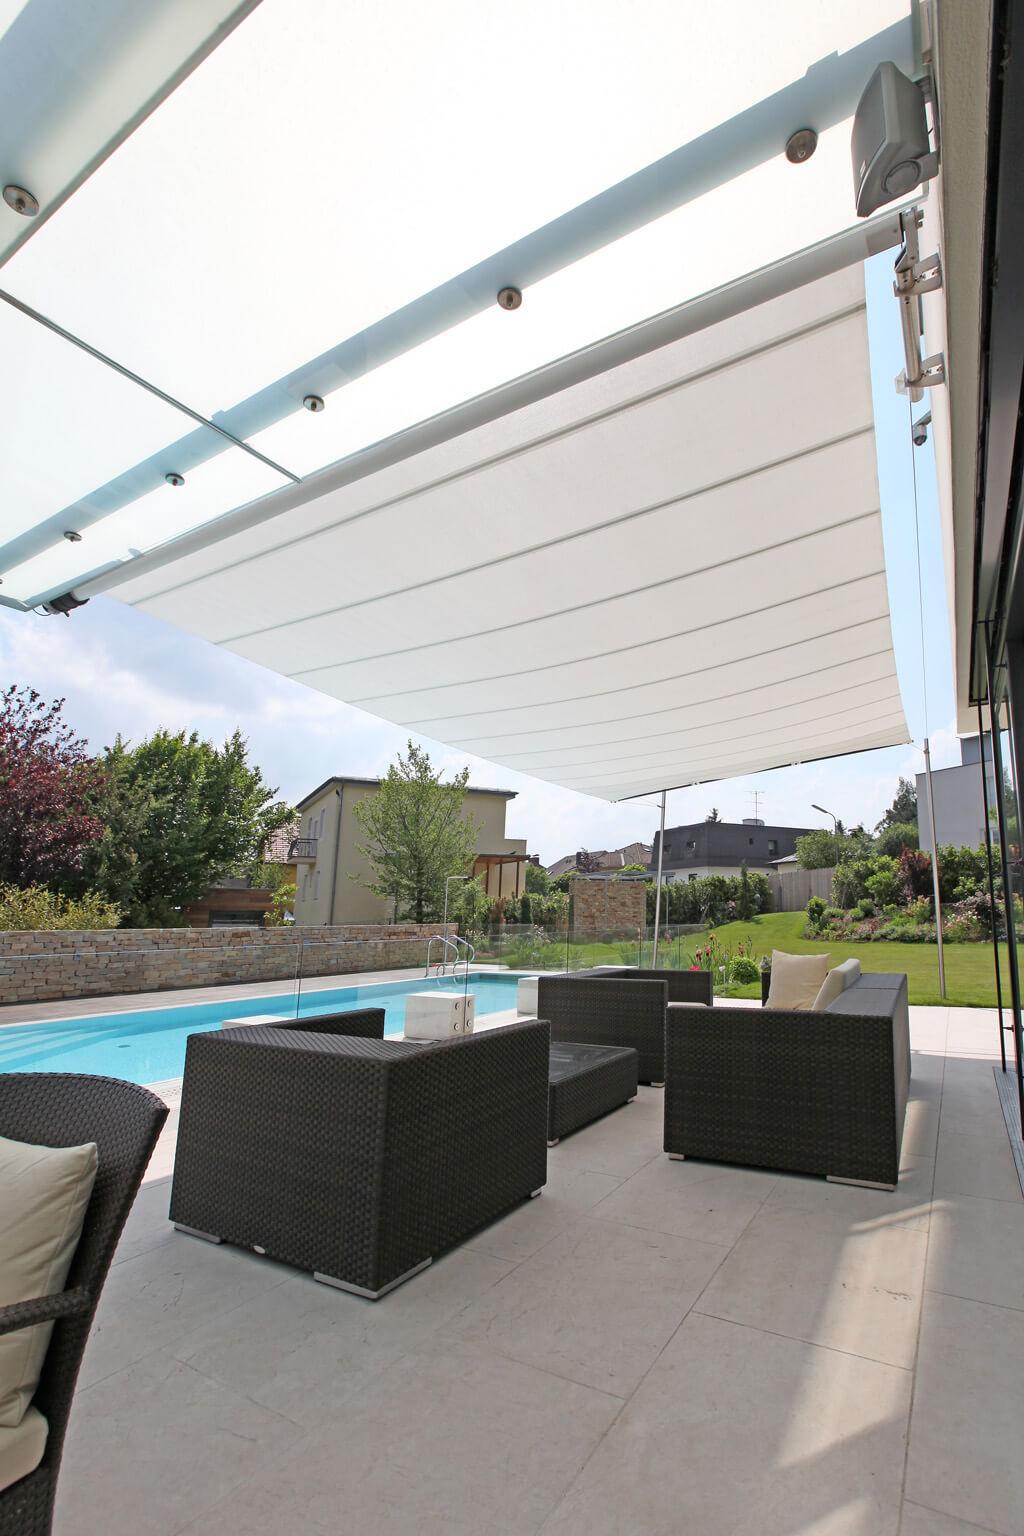 sunsquare sonnensegel sonnenschutz individuell voit aufrollbare sonnensegel raumgestaltung. Black Bedroom Furniture Sets. Home Design Ideas